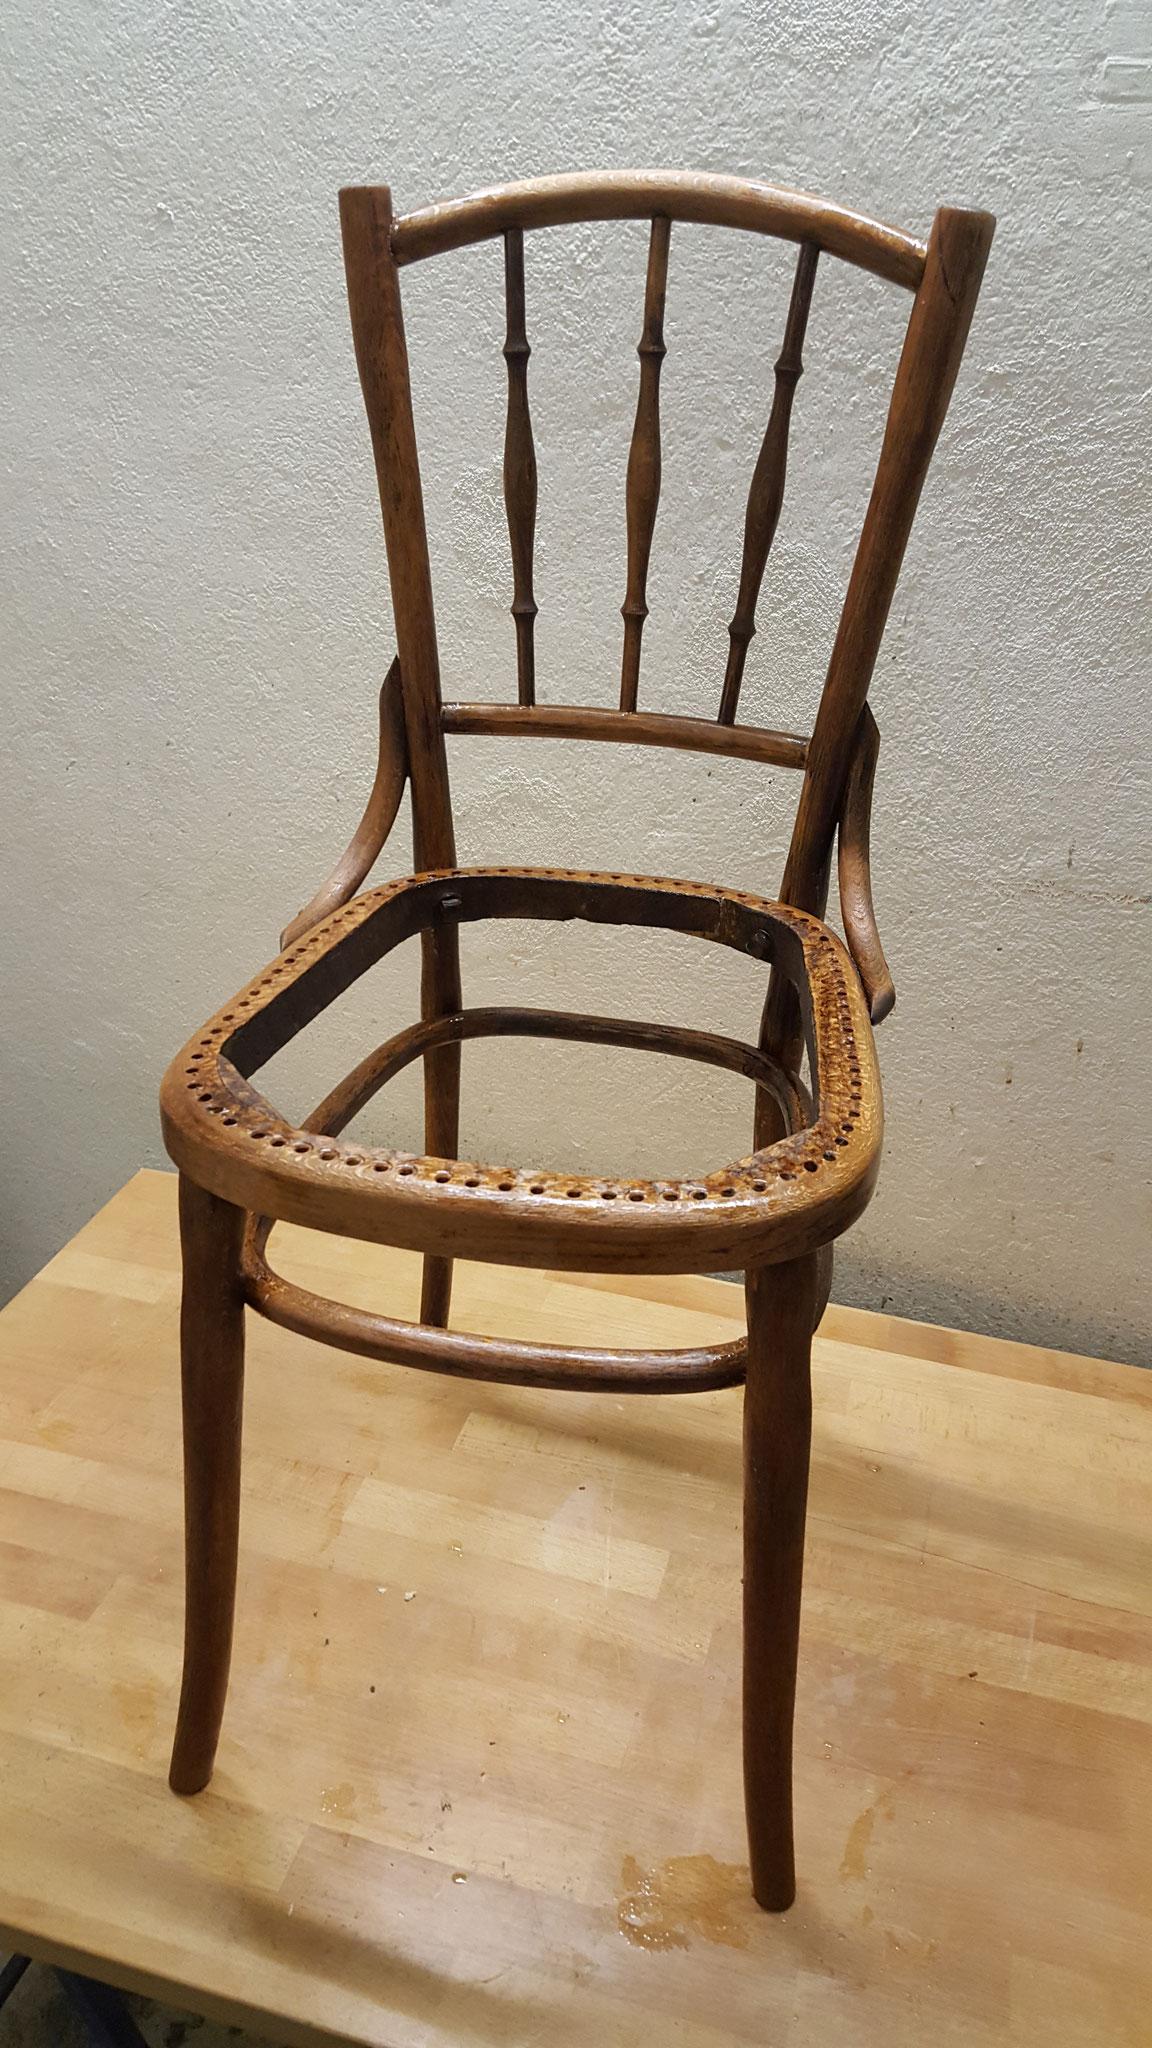 Mit einem biologischen Holzöl wurde der Stuhl behandelt